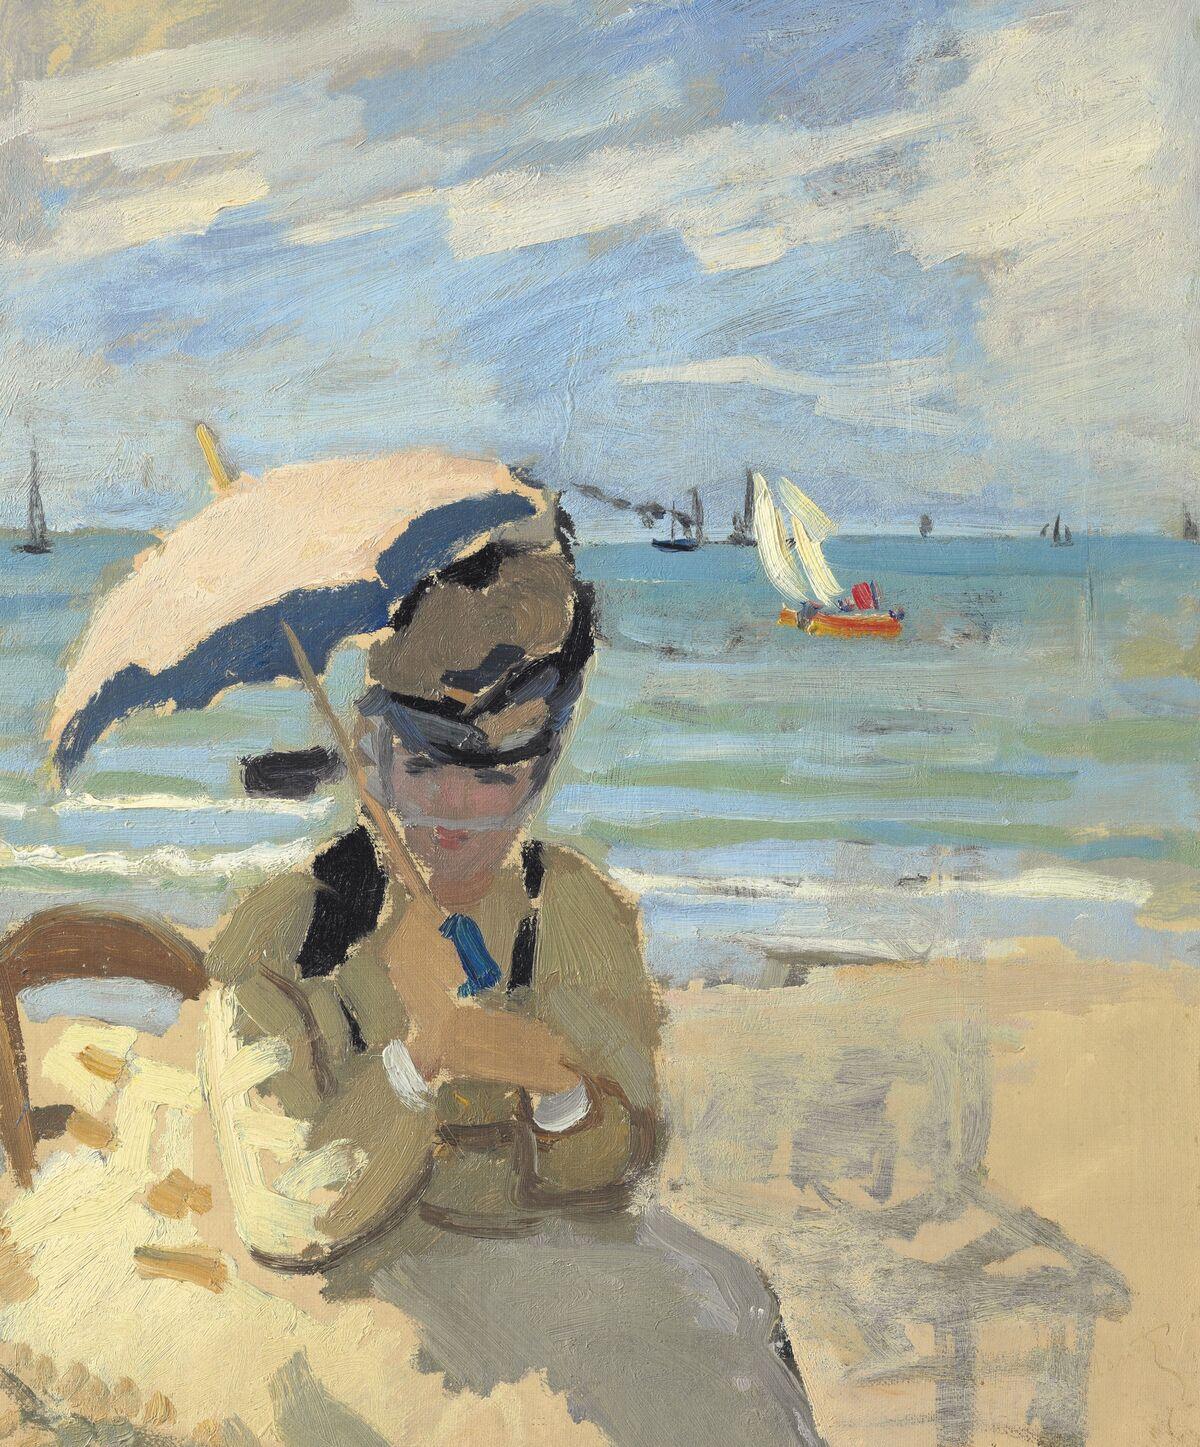 Claude Monet, Camille assise sur la plage à Trouville, 1870-71. Courtesy of Christie's.